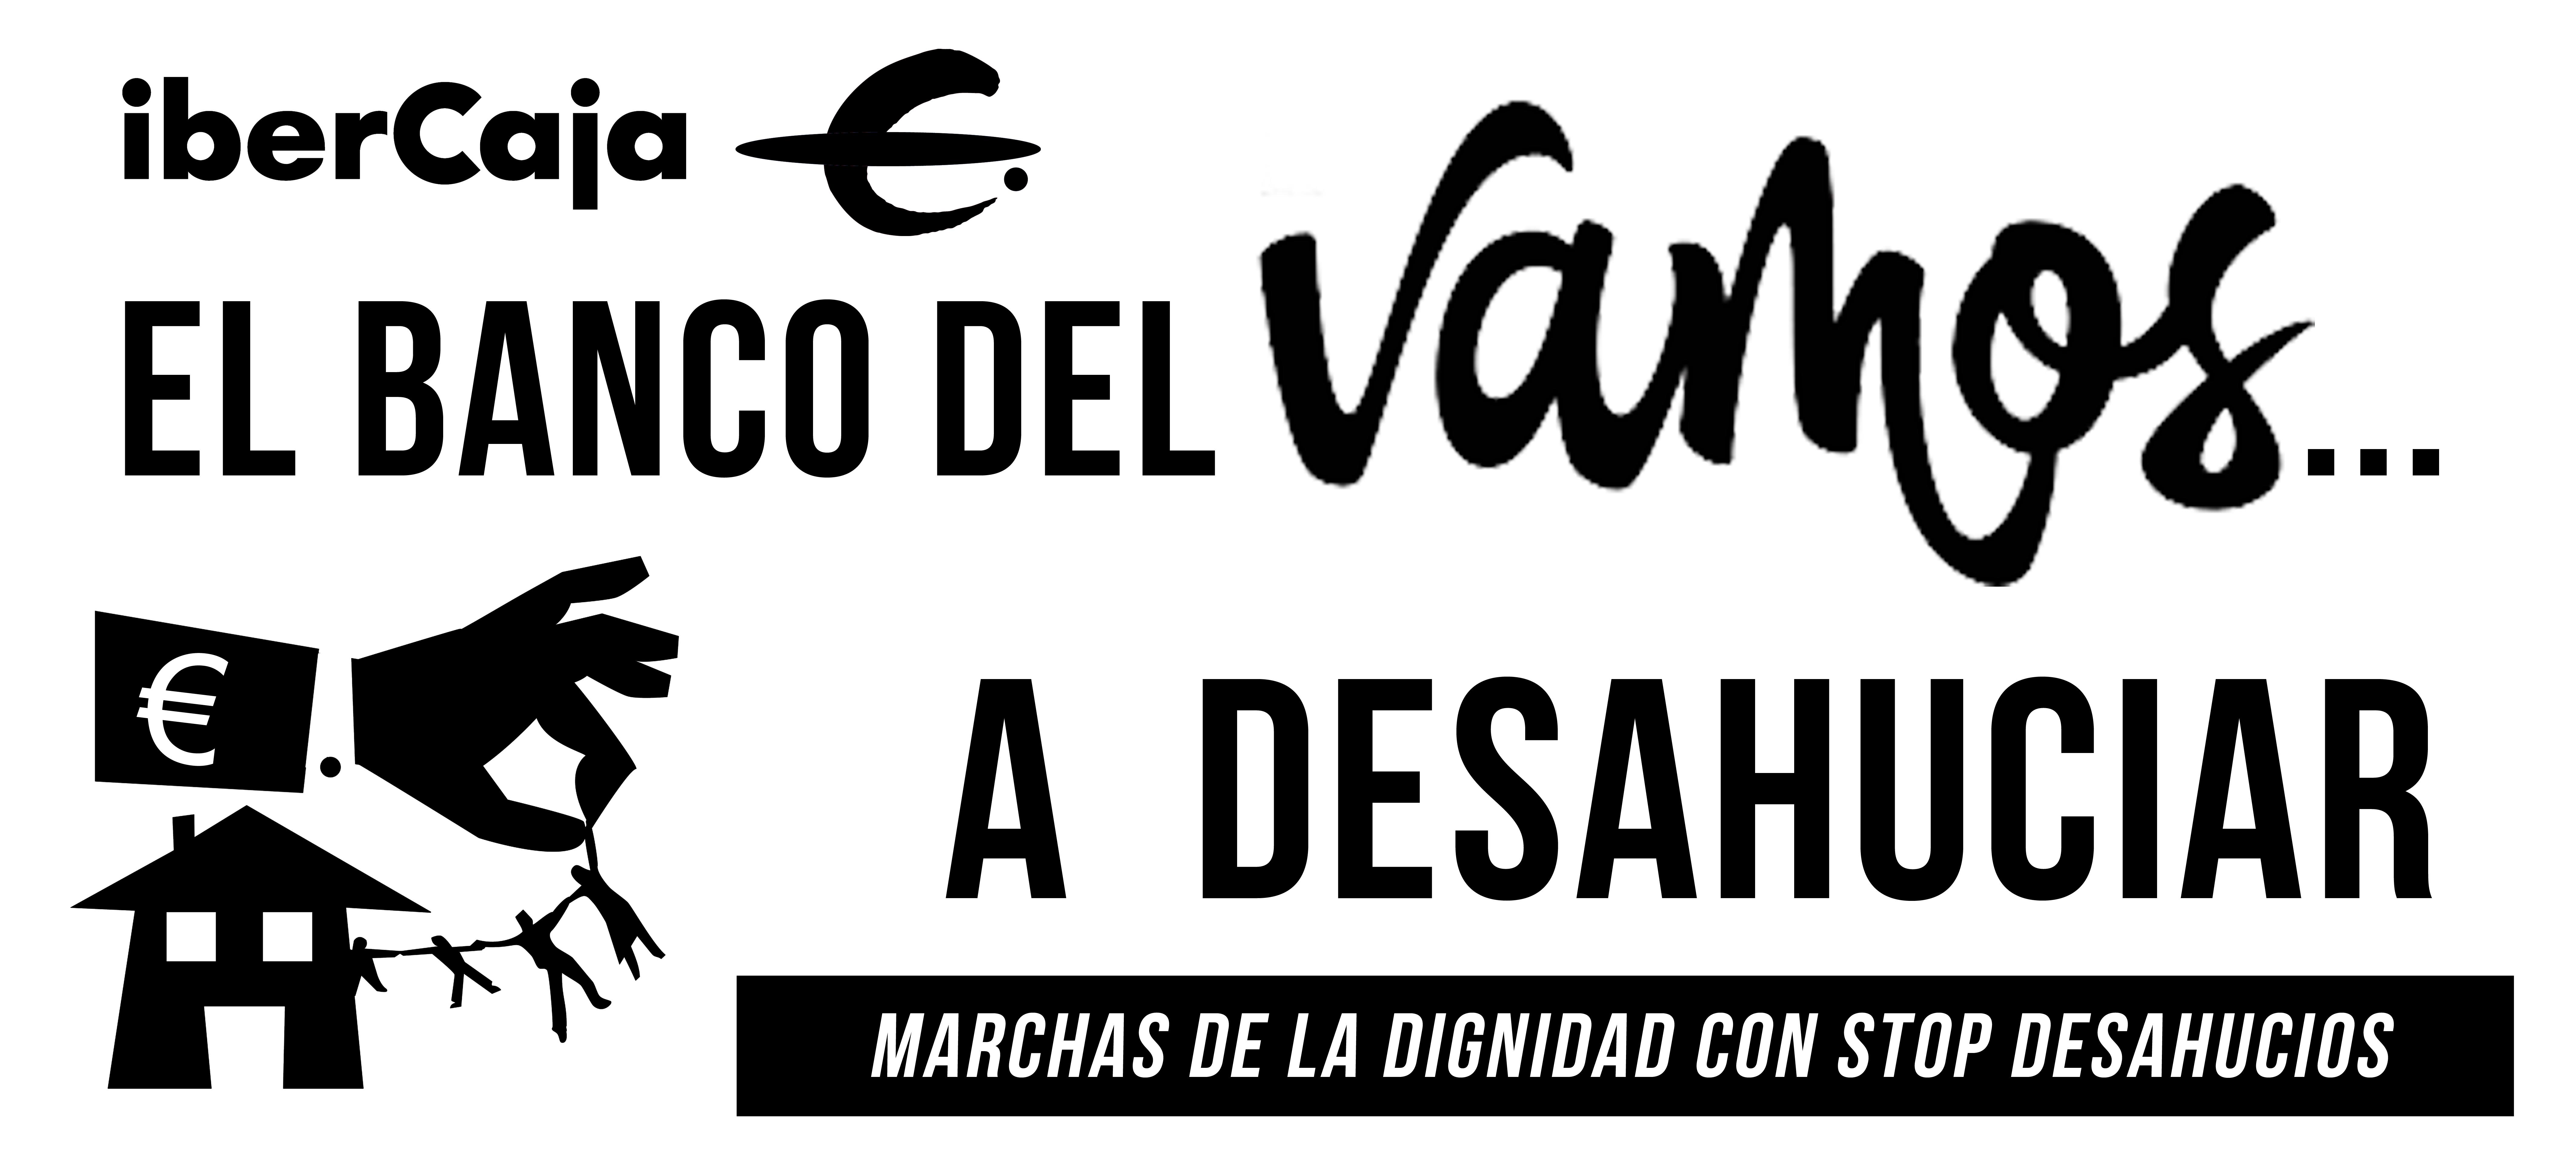 Ibercaja. EL BANCO DEL vamos… A DESAHUCIAR.  Concentración jueves 15 deNoviembre